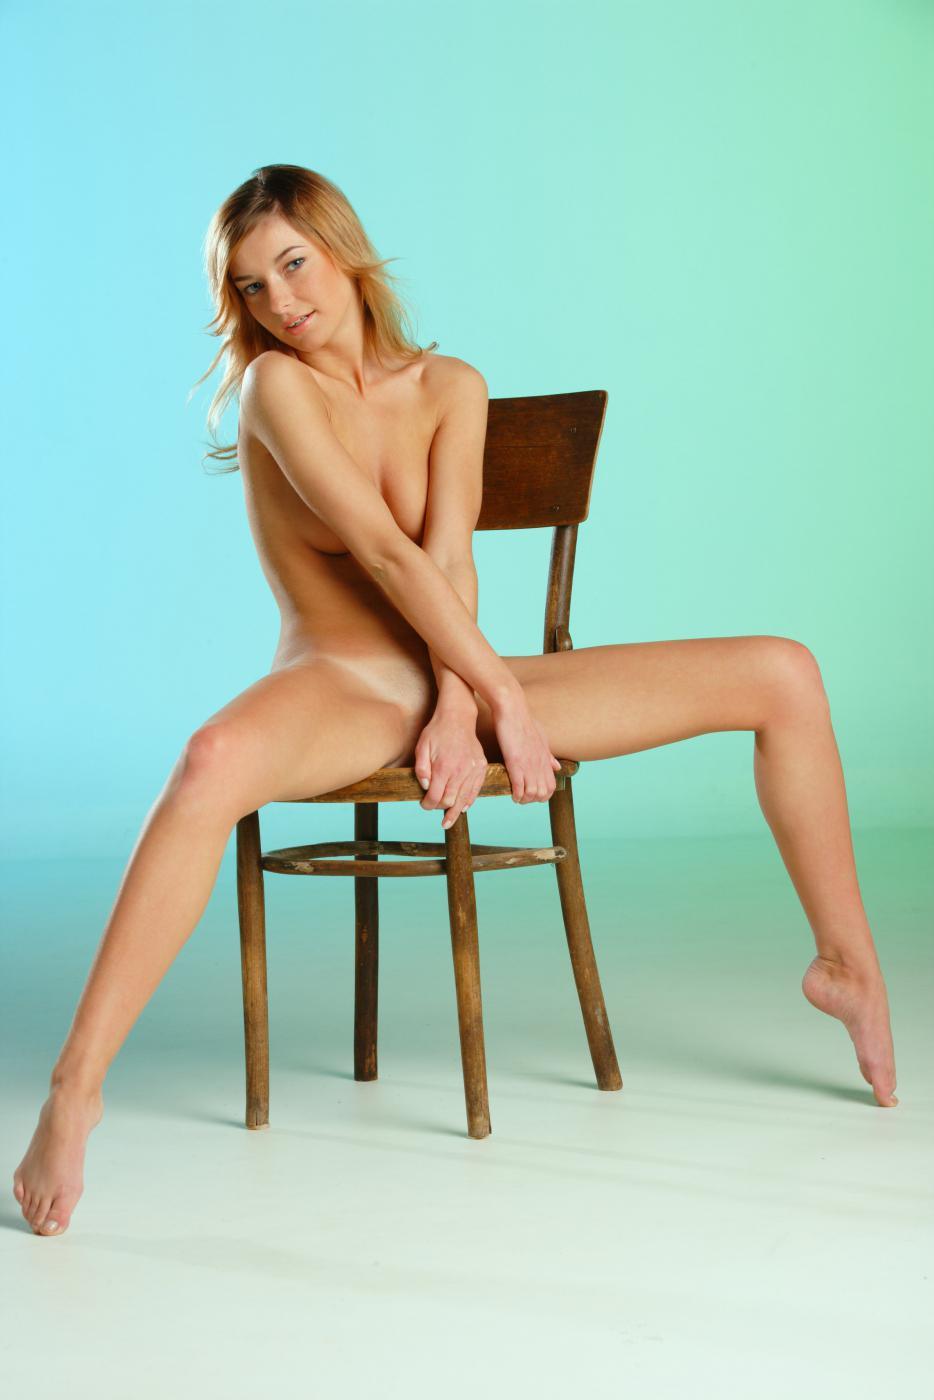 Сексапильная блондиночка Ekaterina D раздетая на стуле